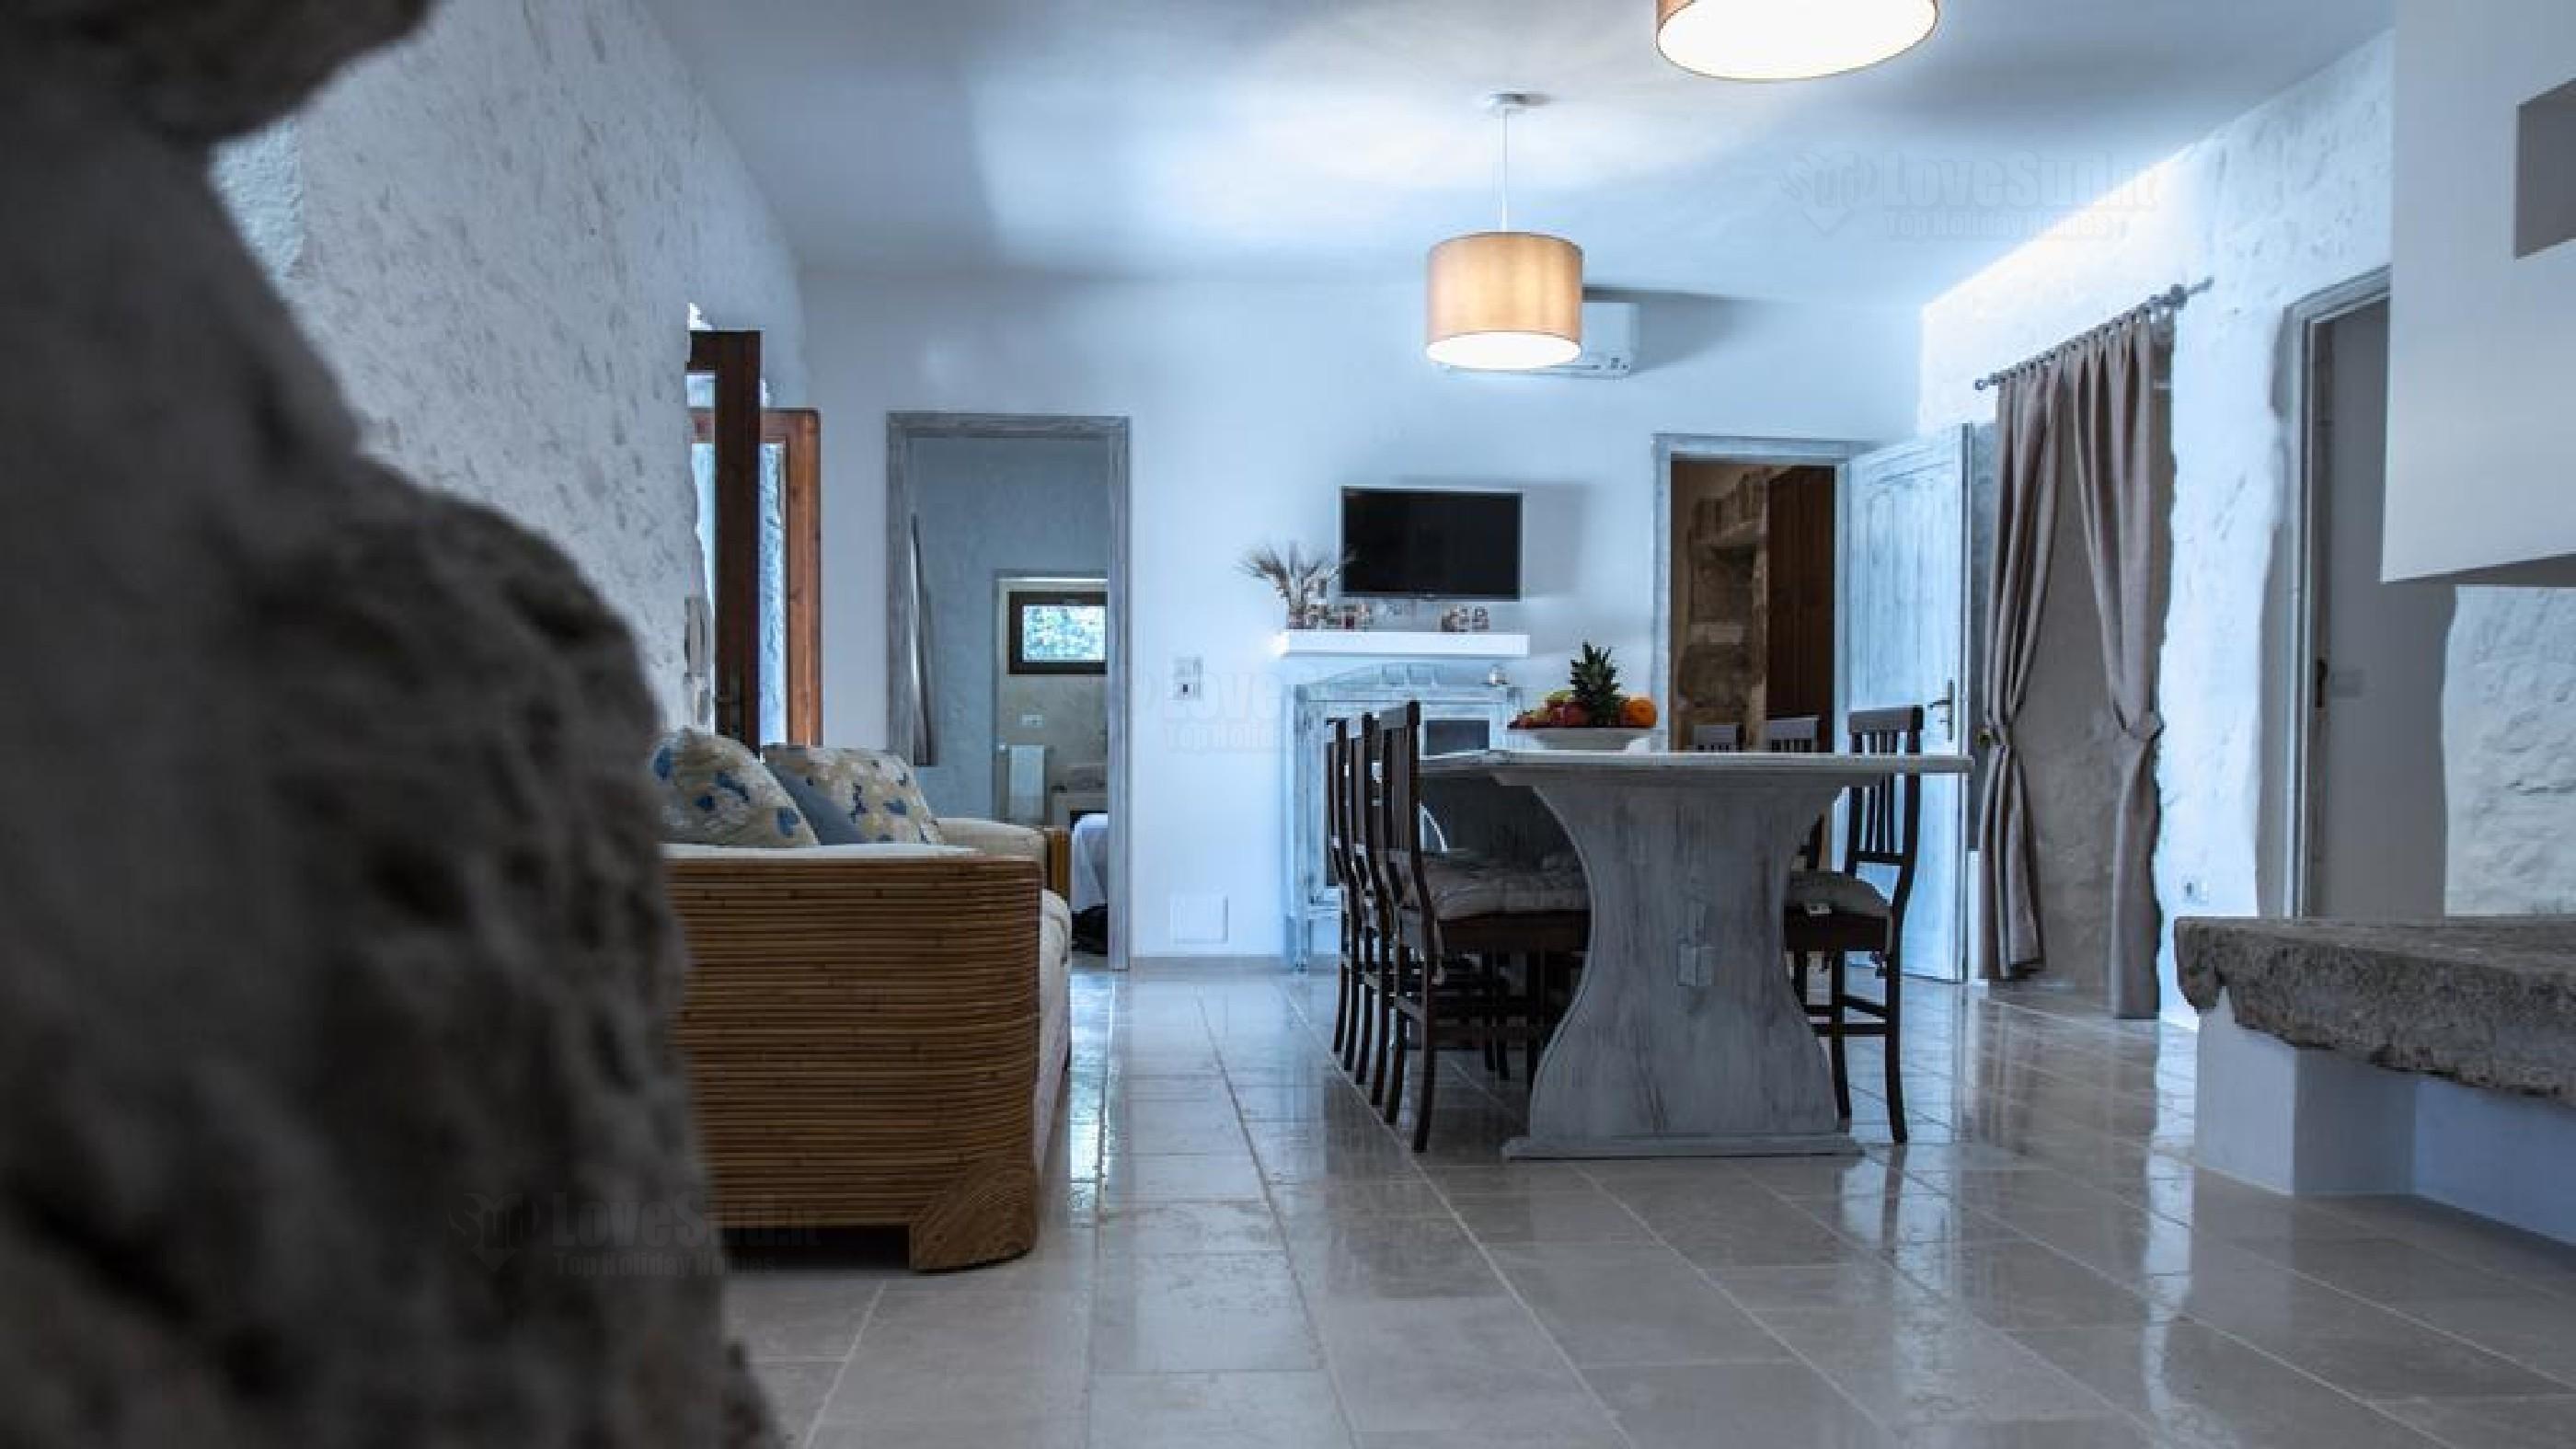 Apartment Albachiara pool house photo 20236019